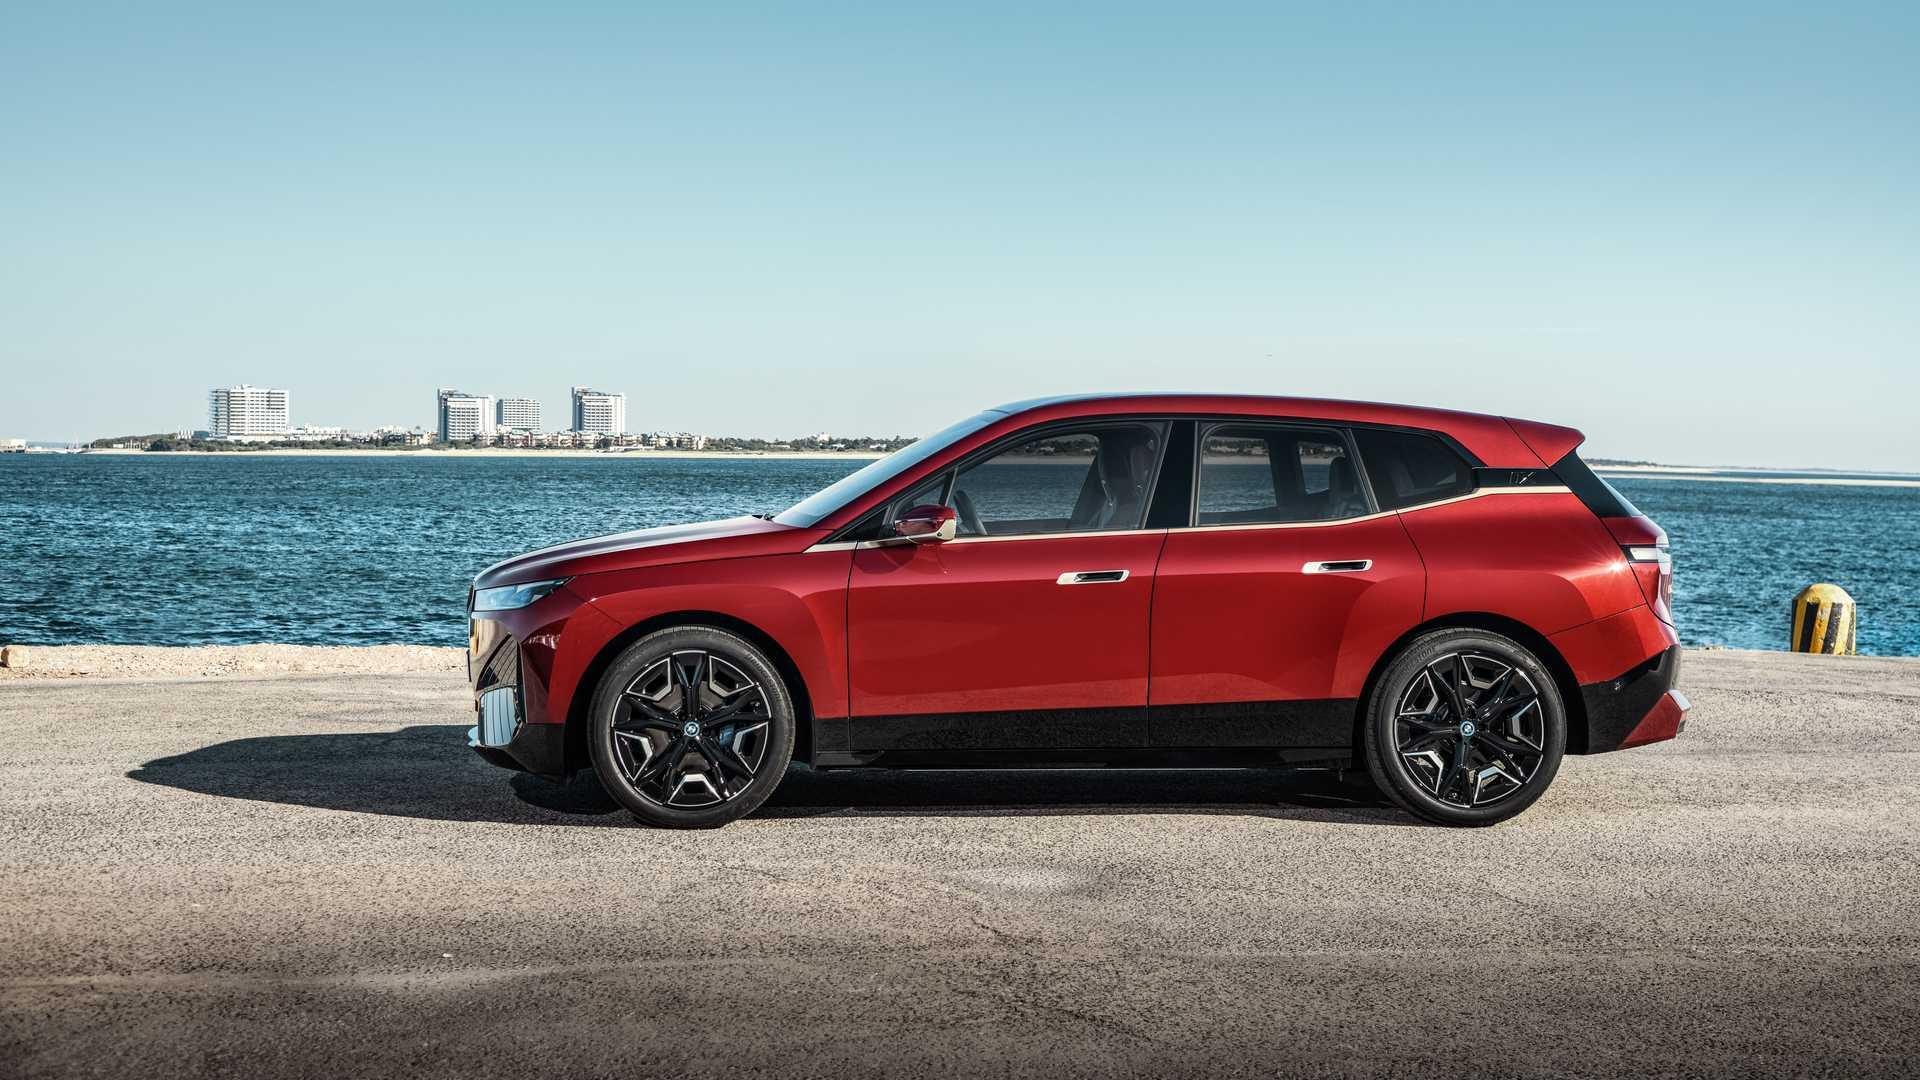 خودرو کاملا الکتریکی BMW معرفی شد